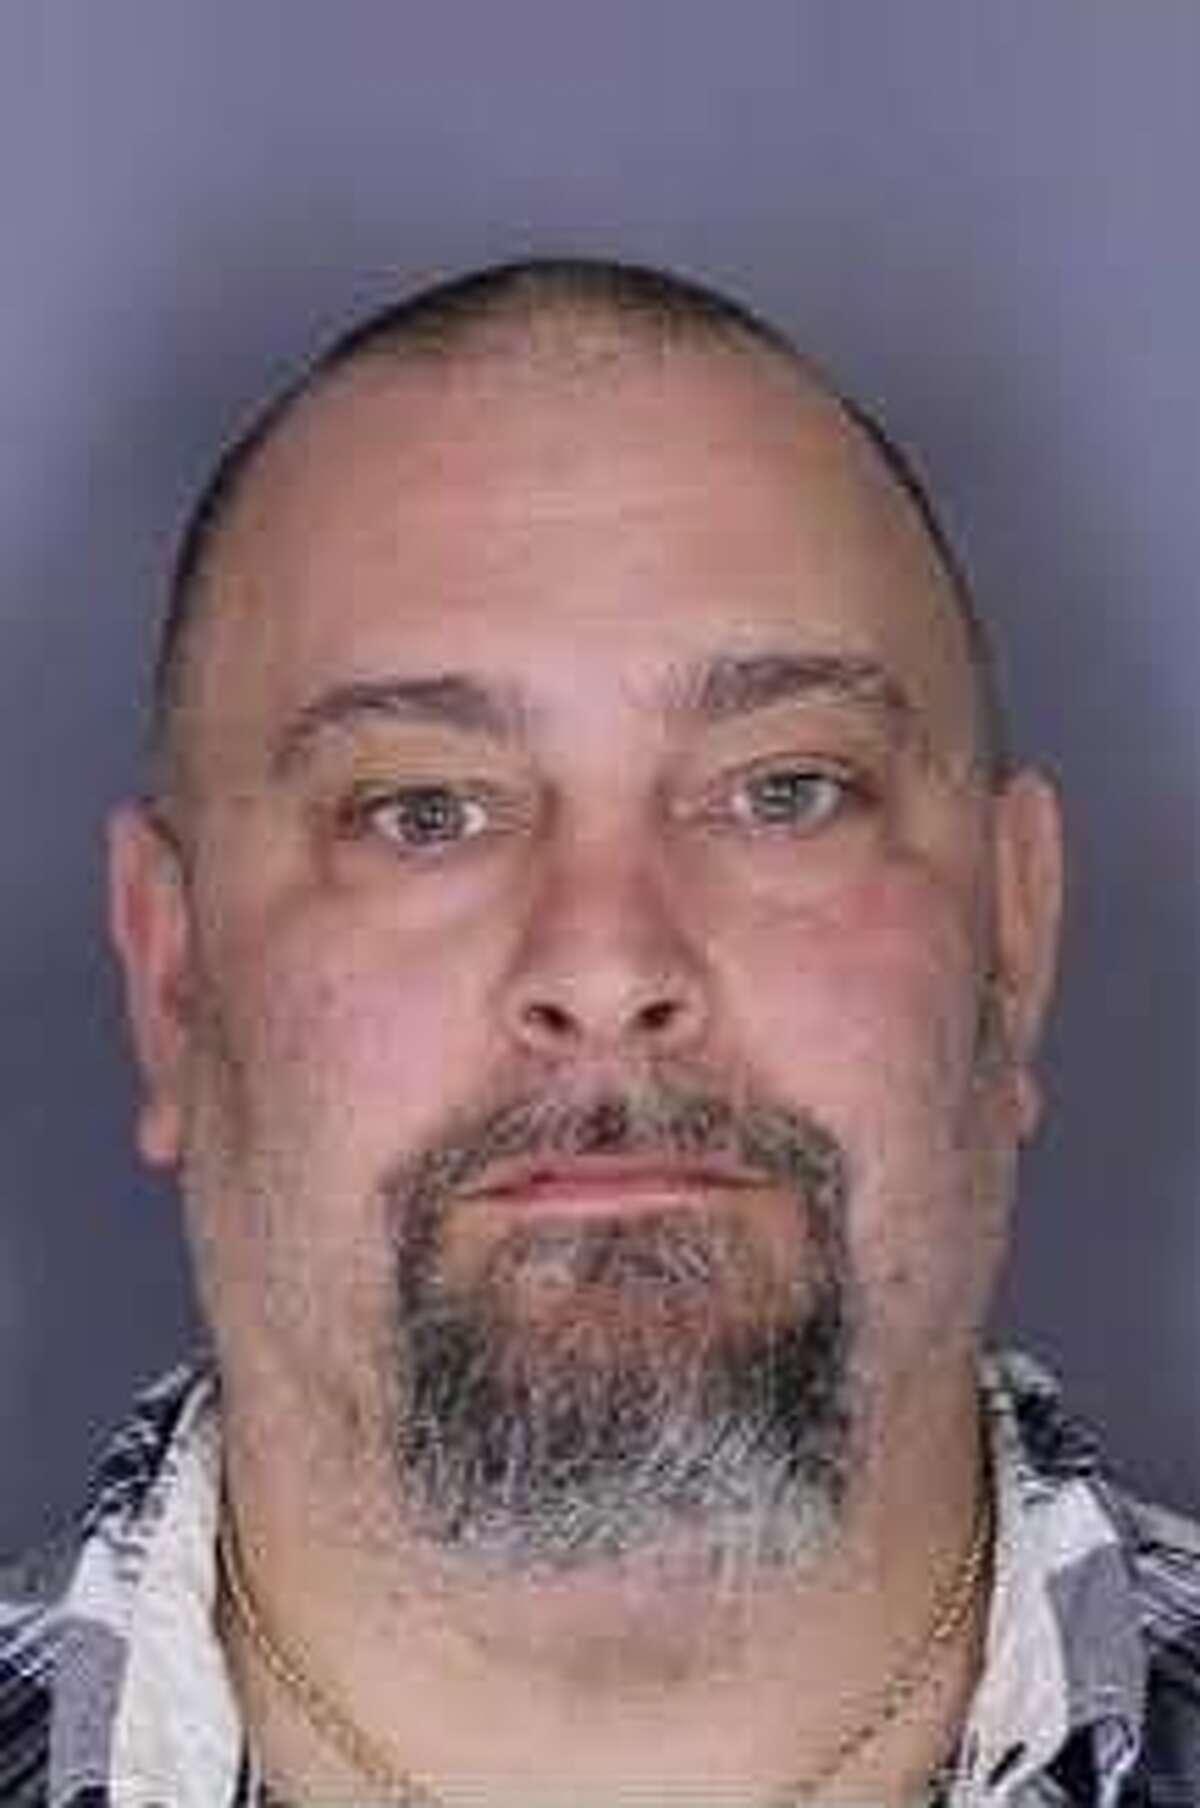 Joseph Santabarbara Jr. (Albany County Sheriff's Office)